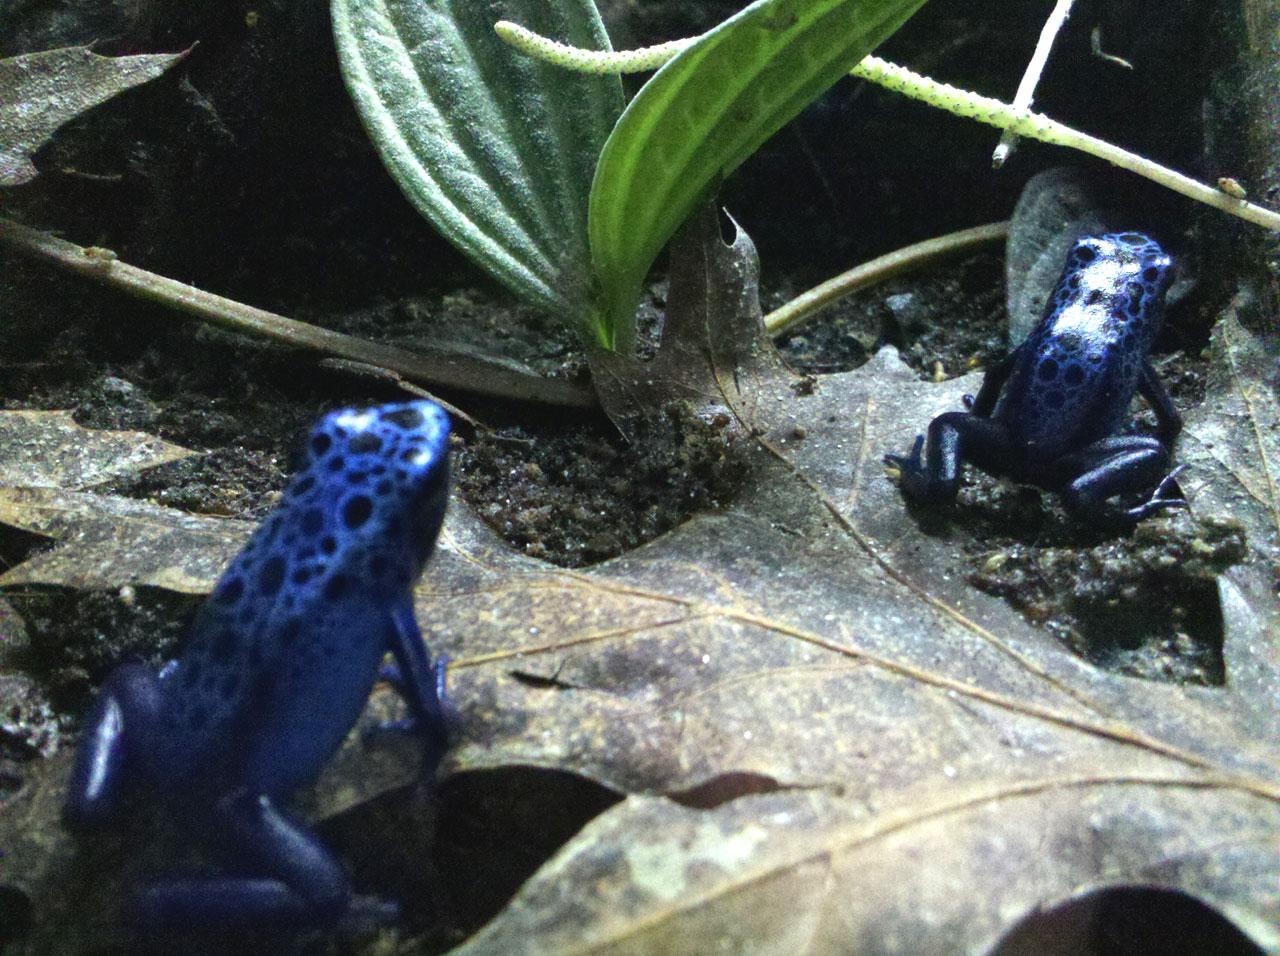 Da Frogs